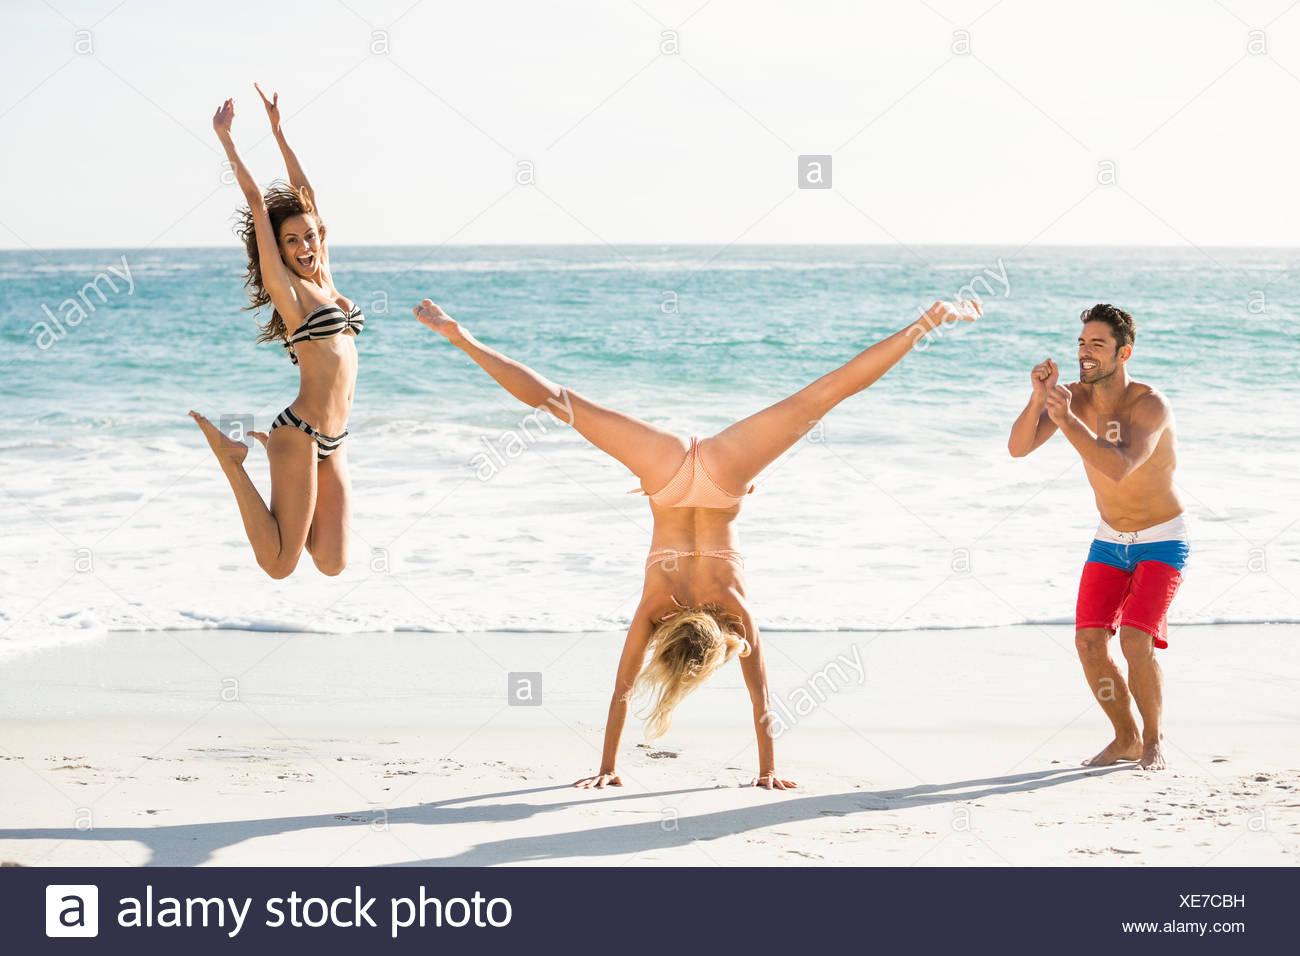 Hermosa entusiasmados amigos saltando en la playa Imagen De Stock